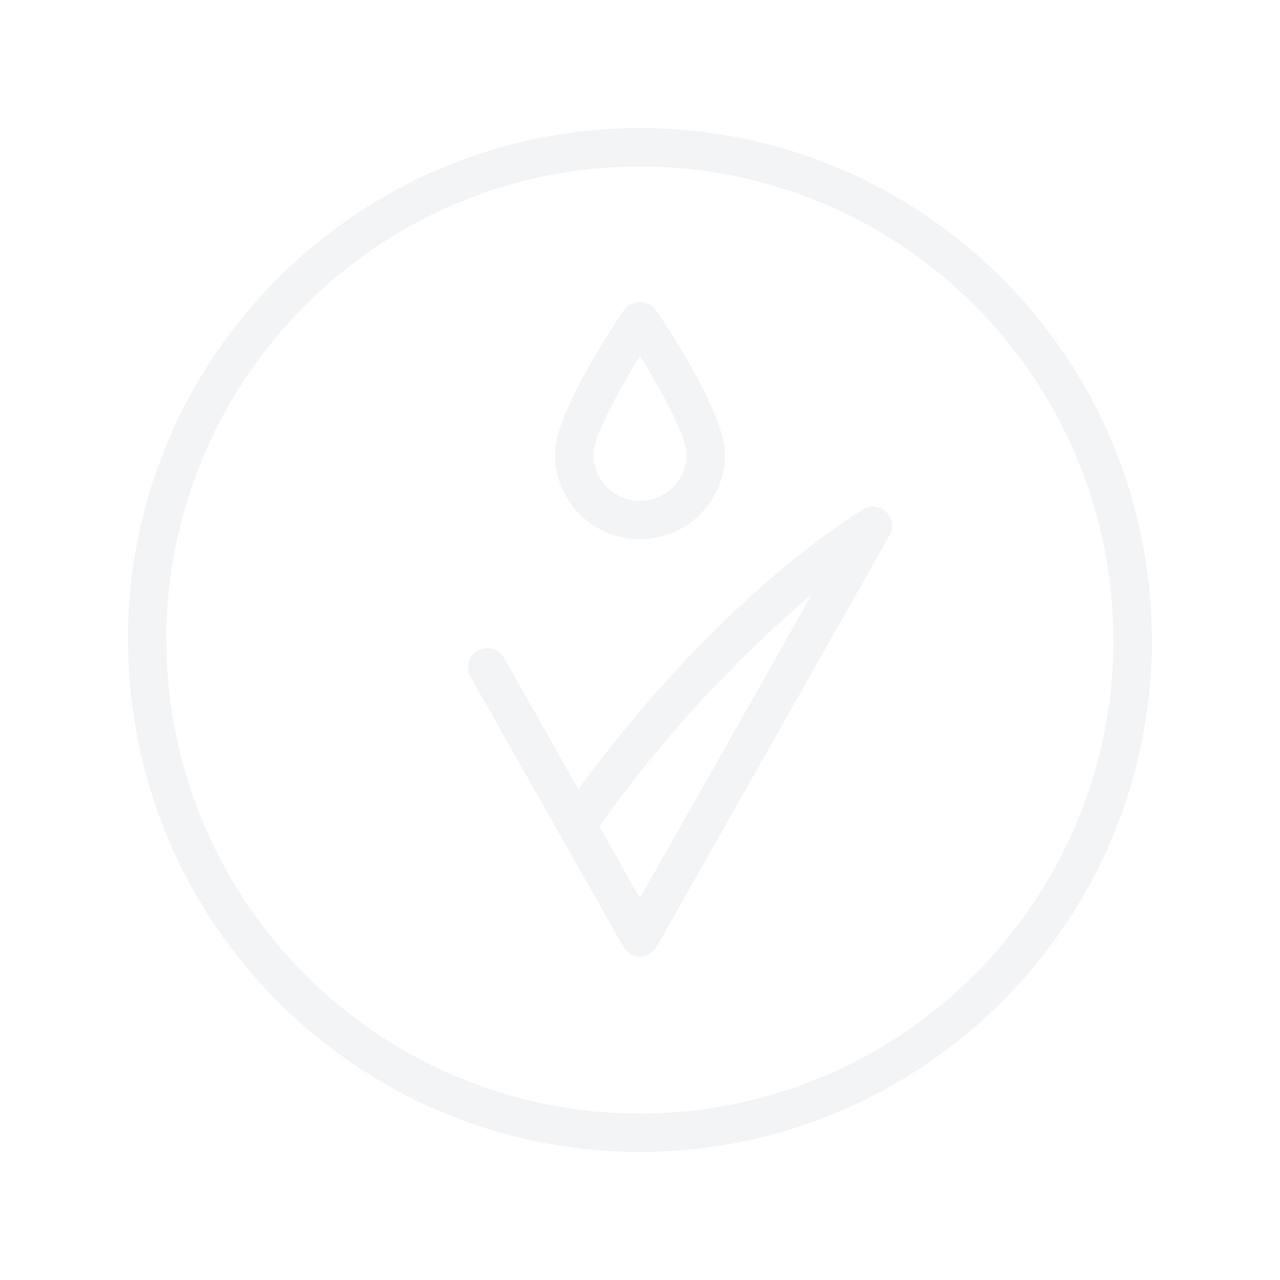 E.L.F. Aqua Beauty Molten Liquid Eyeshadow 2.6g